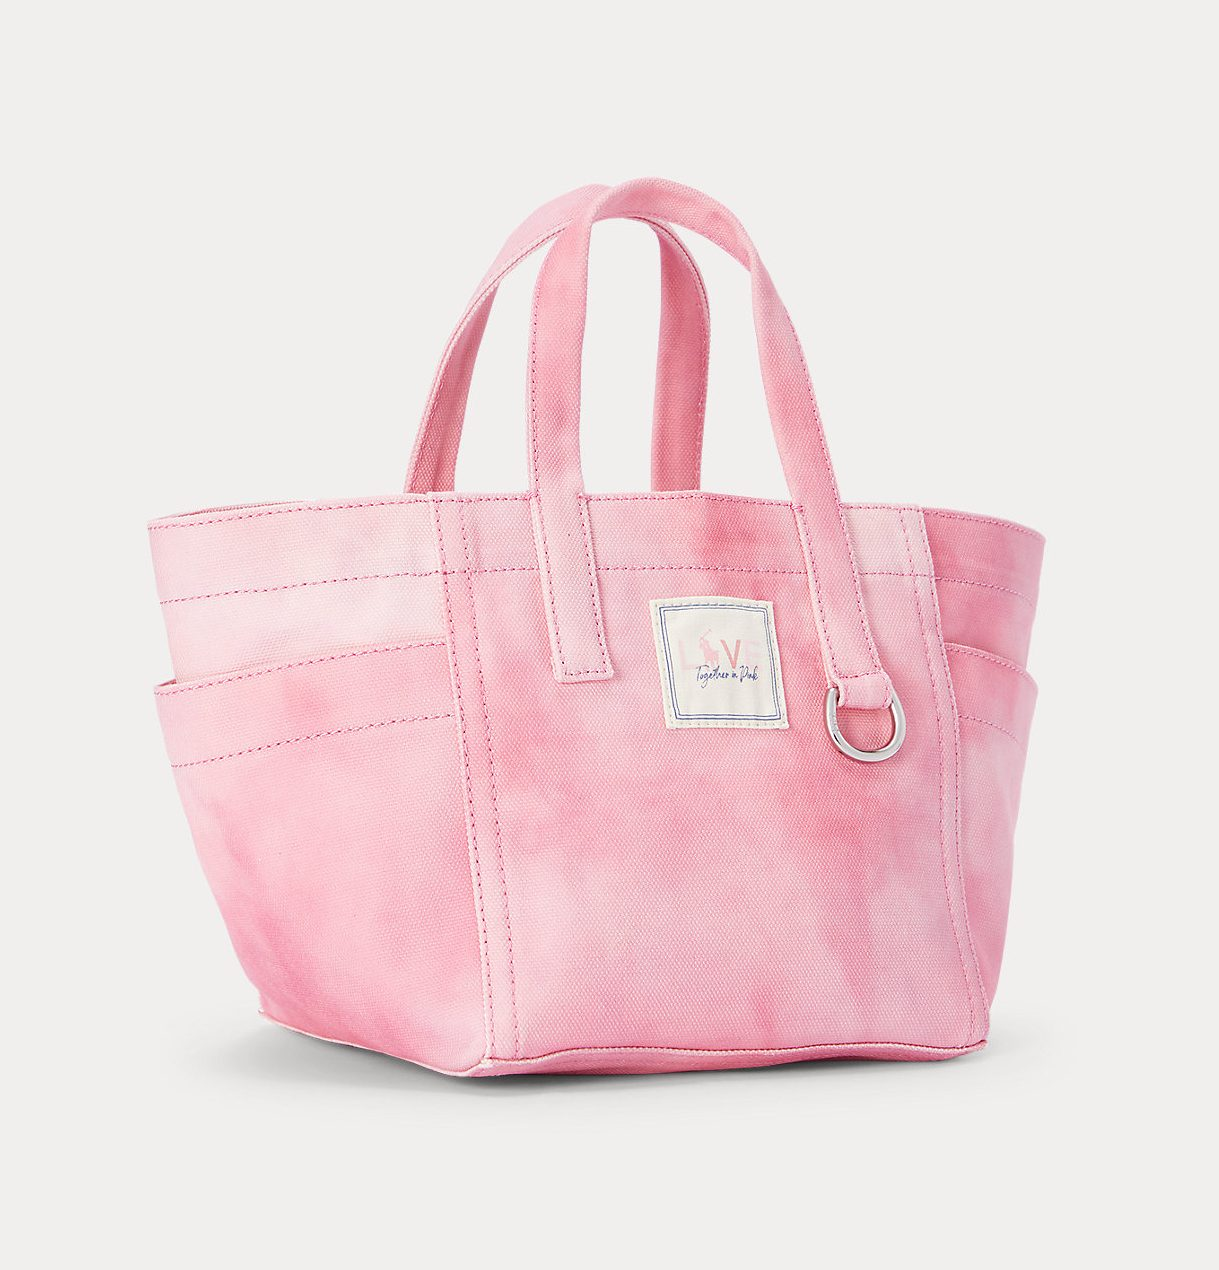 Ralph Lauren Pink Pony Tie-Dye Mini Tote Bag